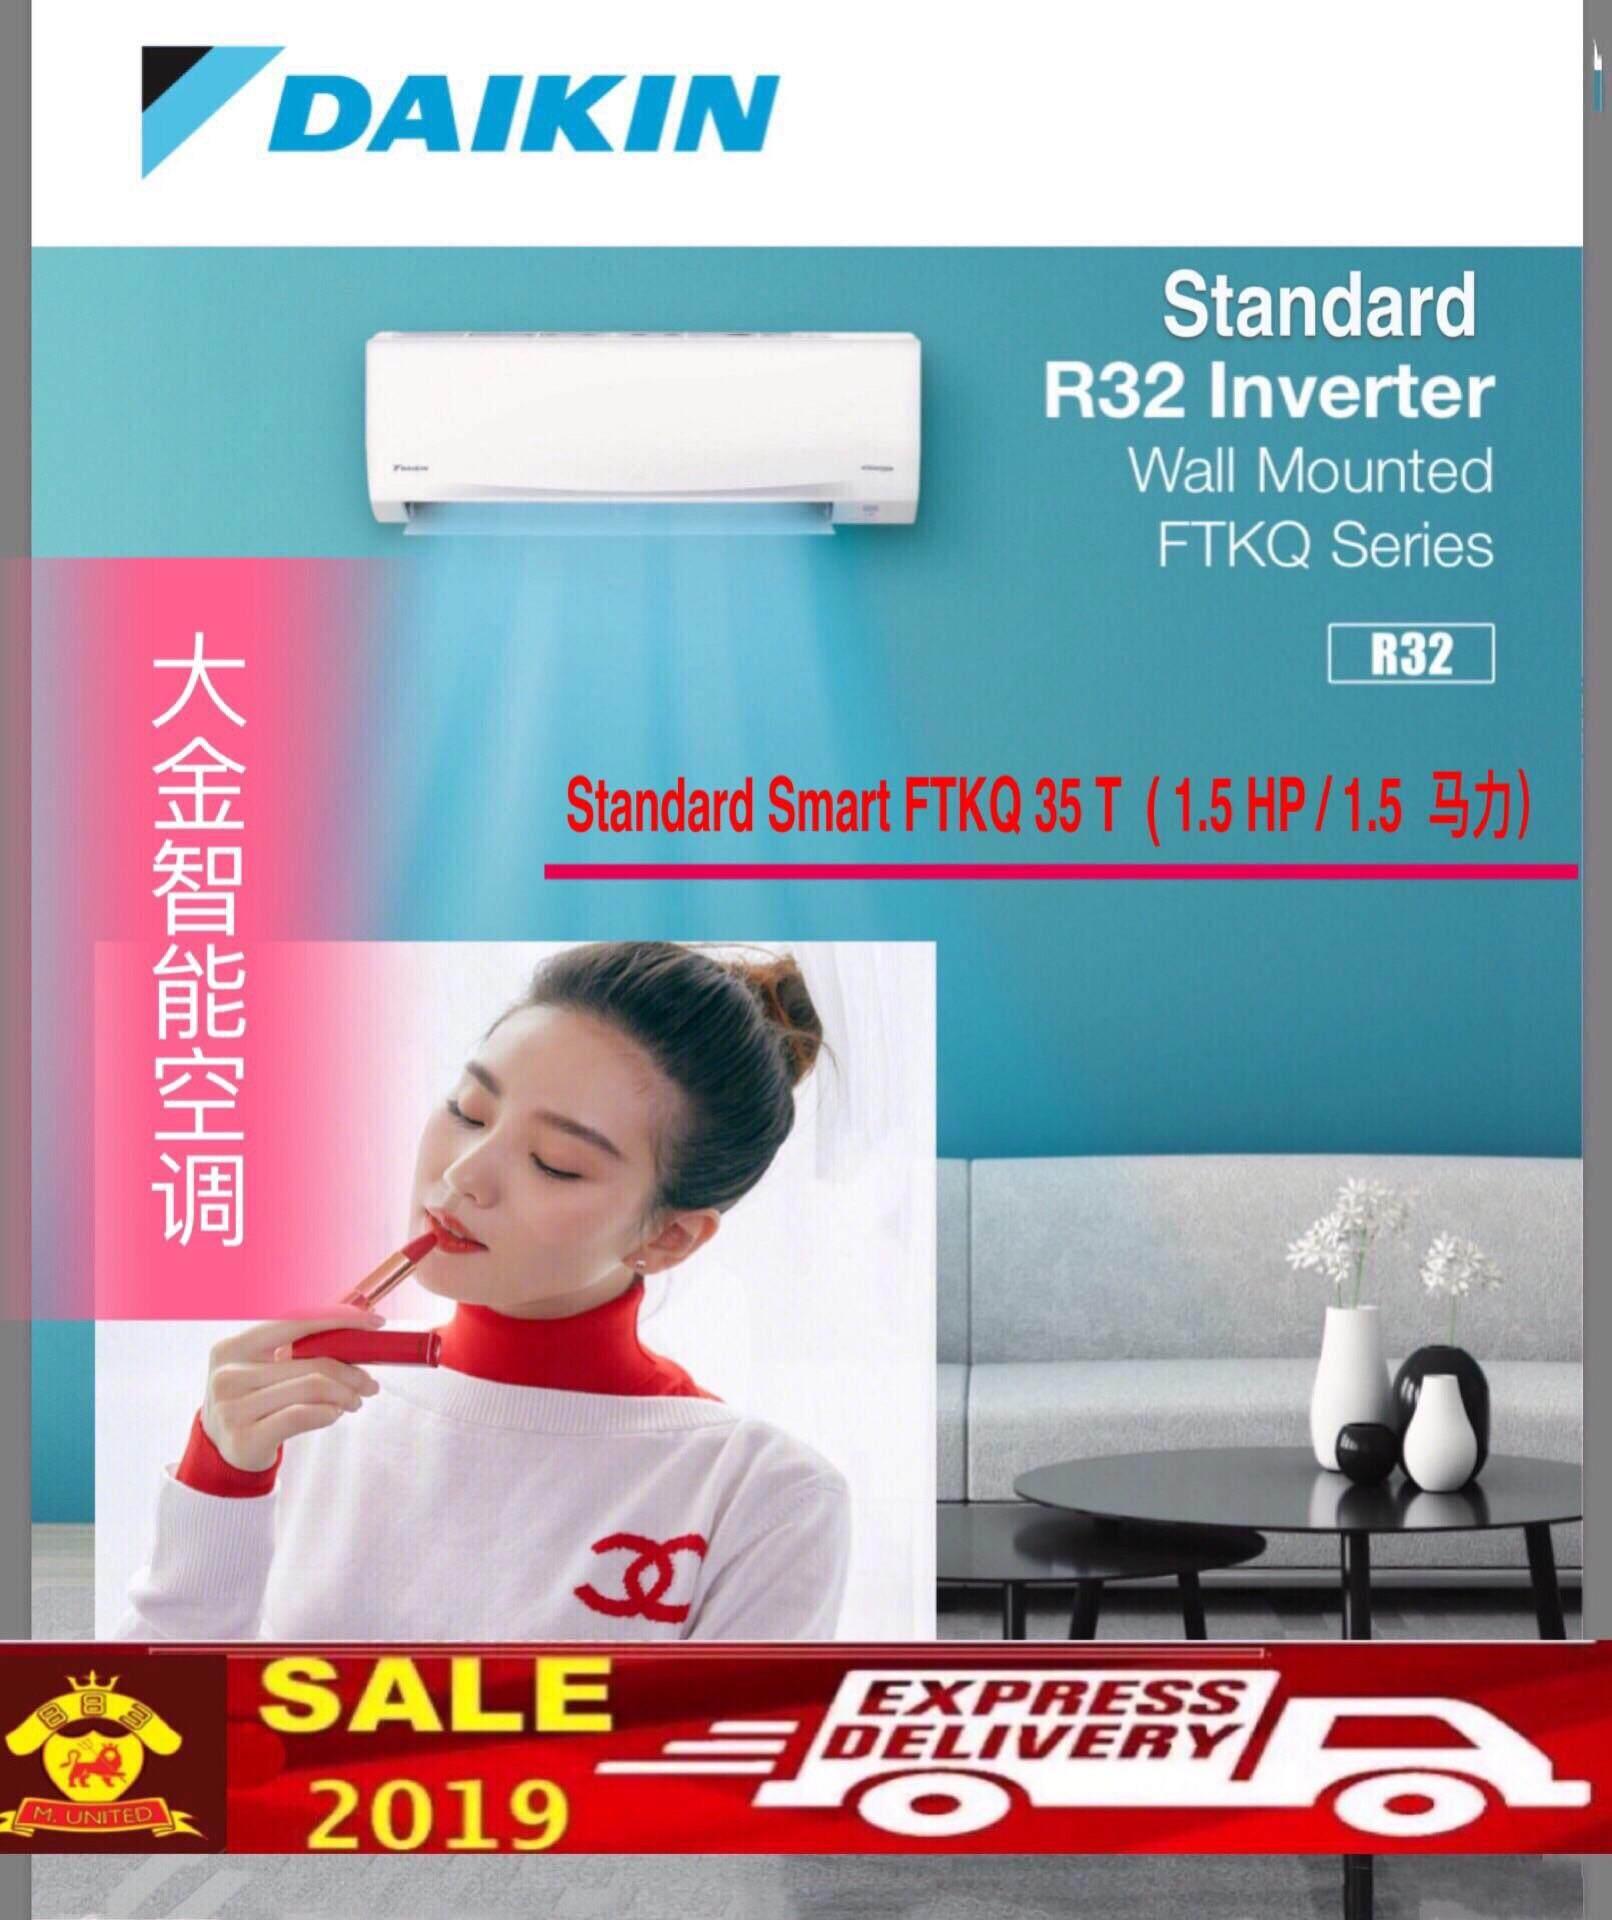 2020 NEW R32 DAIKIN SMARTO 1.5 HP (FTKQ 35T ) STANDARD INVERTER -FTKQ SERIES